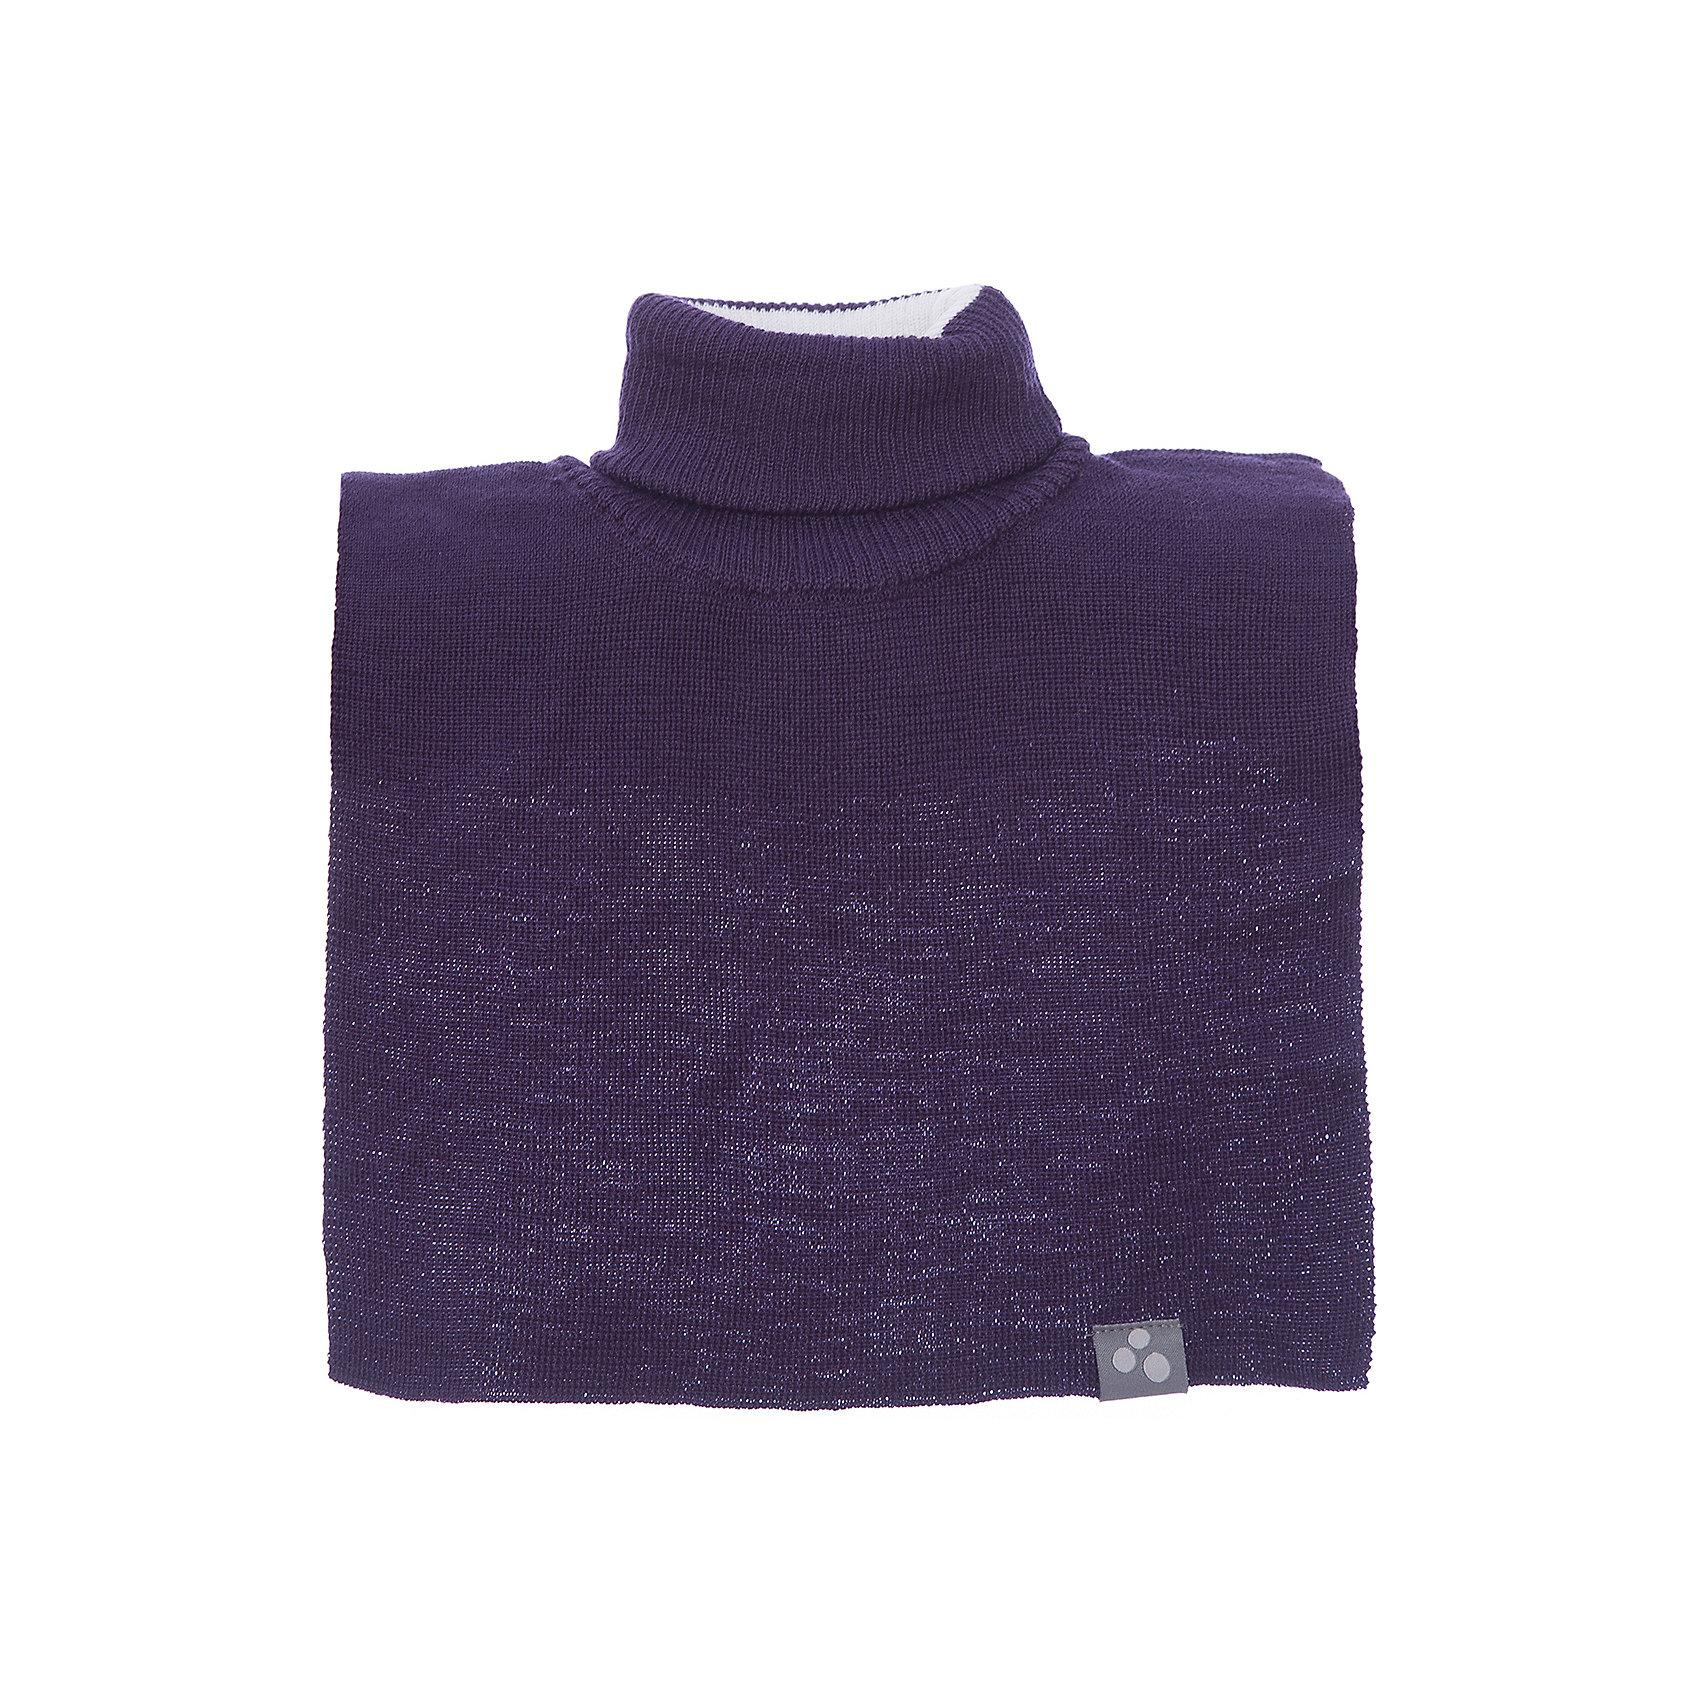 Манишка Huppa CoraВерхняя одежда<br>Характеристики товара:<br><br>• модель: Cora;<br>• цвет: фиолетовый;<br>• состав: 50% шерсть, 50% полиакрил;<br>• подкладка: 100% хлопок;<br>• сезон: зима;<br>• температурный режим: от +5 до - 30С;<br>• особенности: вязаная, шерстяная;<br>• страна бренда: Финляндия;<br>• страна изготовитель: Эстония.<br><br>Детская манишка Cora. Теплая вязаная манишка на хлопковой подкладке, защитит шейку вашего малыша в холодную погоду. <br><br>Манишку Huppa Cora (Хуппа) можно купить в нашем интернет-магазине.<br><br>Ширина мм: 88<br>Глубина мм: 155<br>Высота мм: 26<br>Вес г: 106<br>Цвет: лиловый<br>Возраст от месяцев: 12<br>Возраст до месяцев: 24<br>Пол: Унисекс<br>Возраст: Детский<br>Размер: 47-49,55-57<br>SKU: 7027748